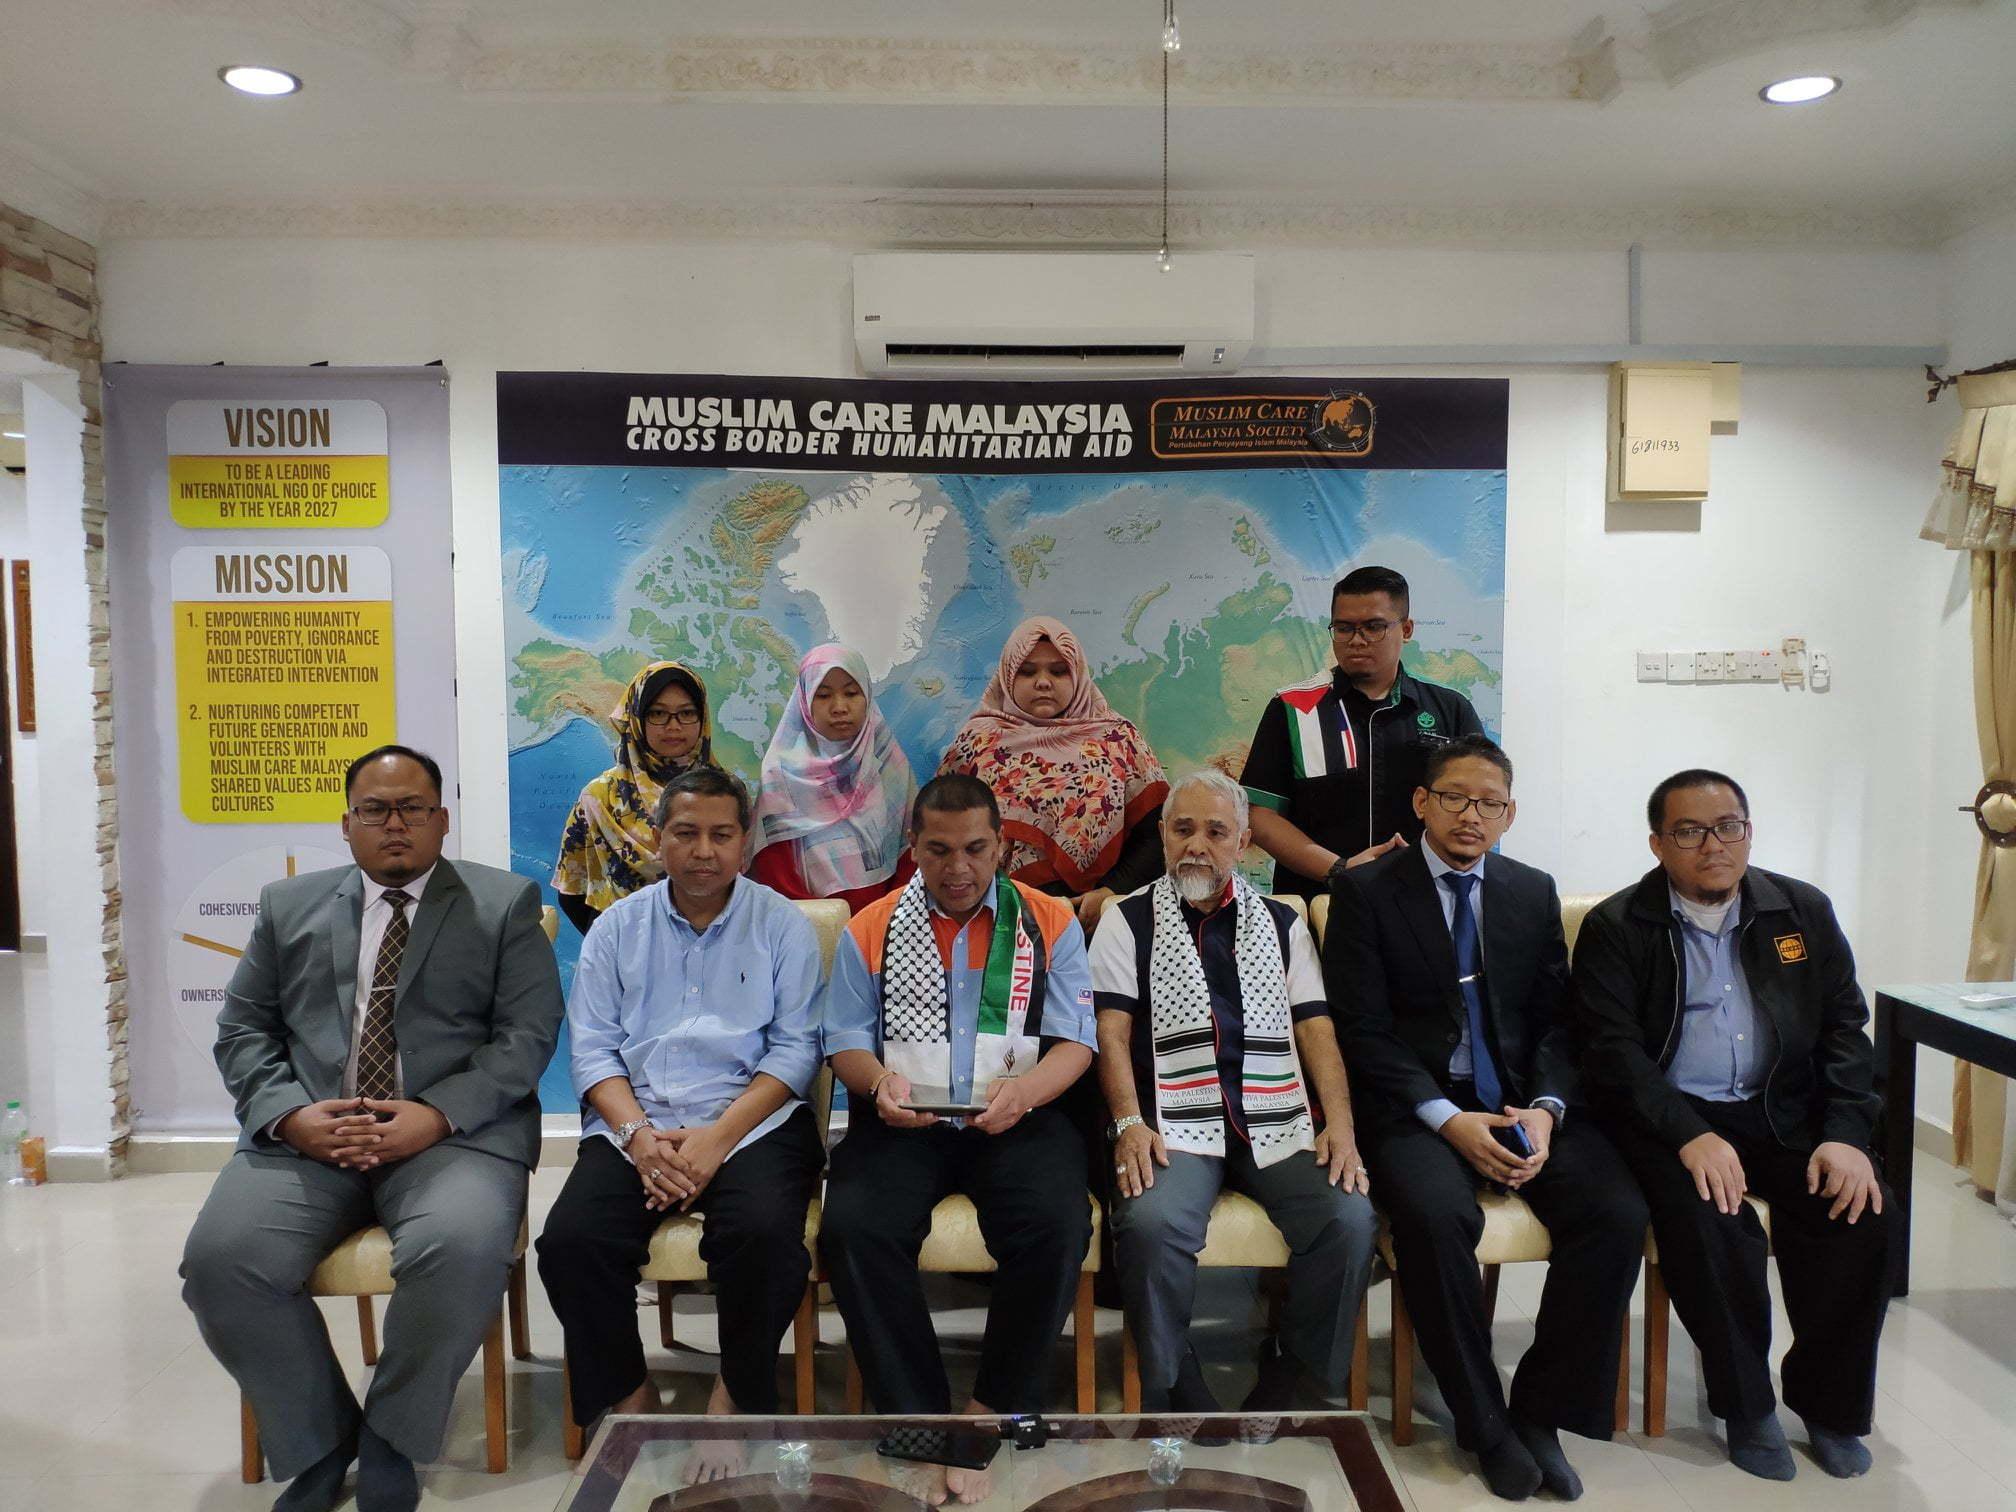 Kenyataan Bersama NGO Malaysia Menolak Tuduhan Duta Besar Palestin